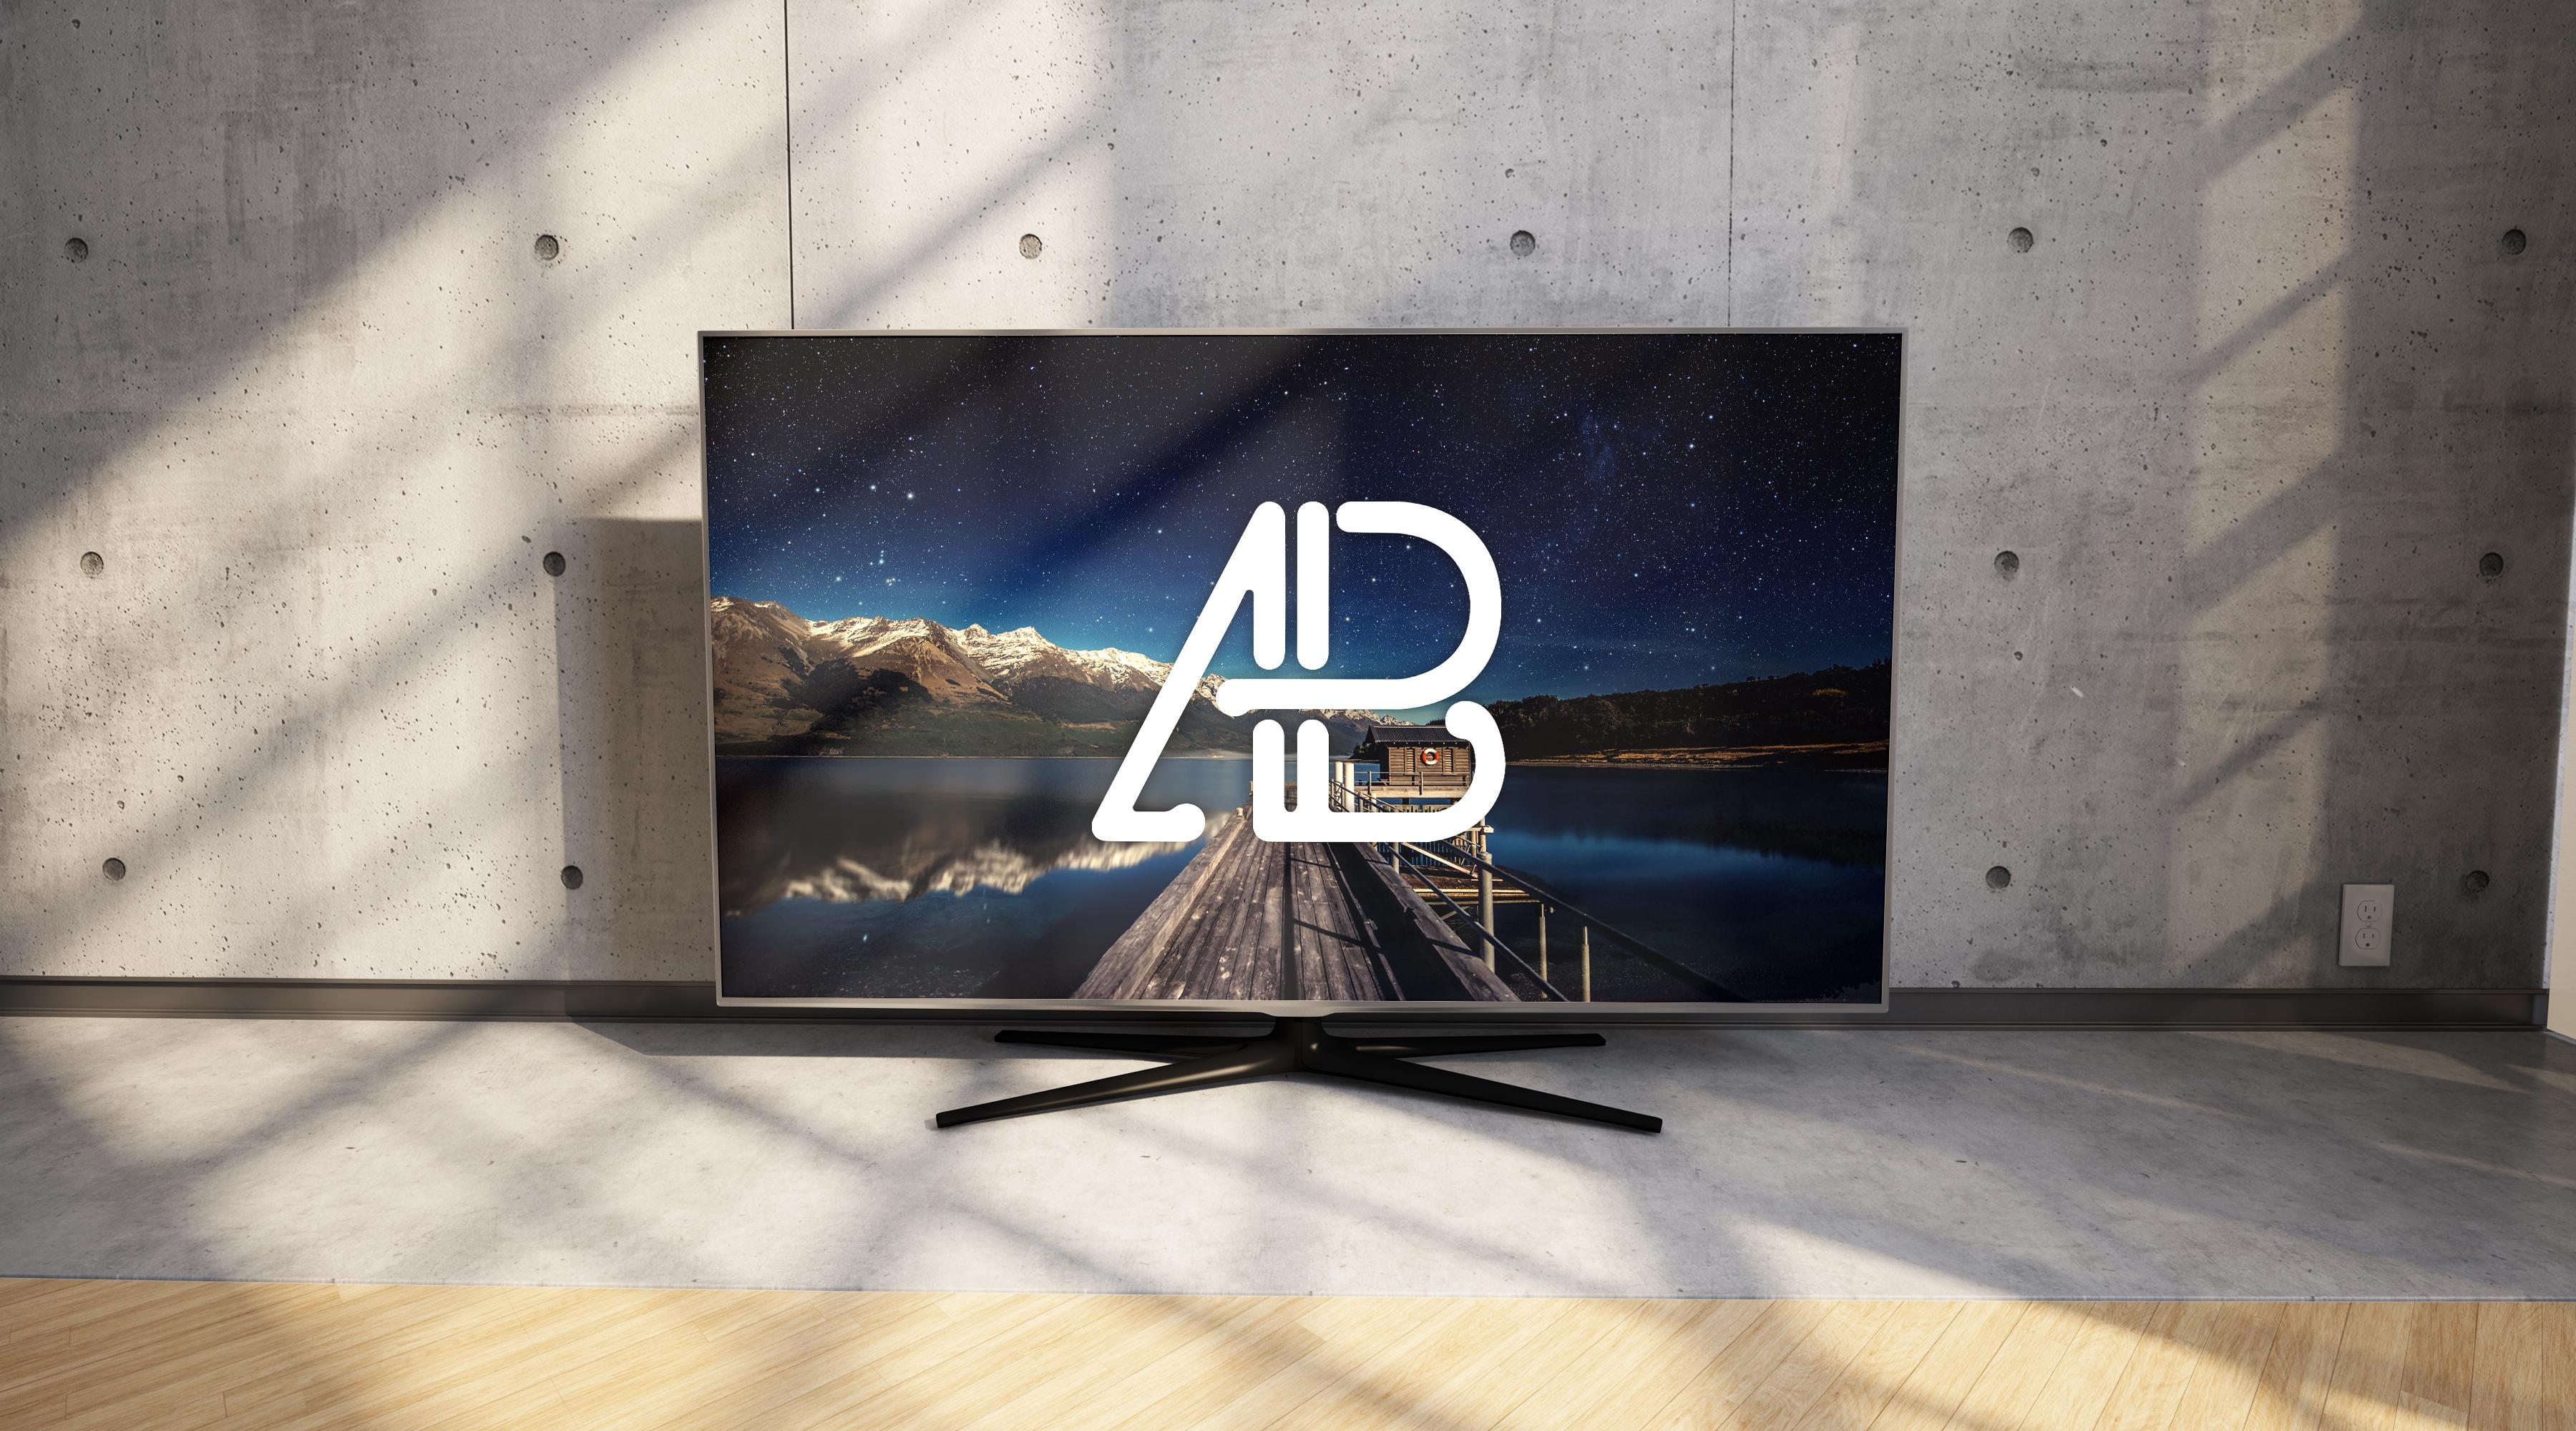 """สมาร์ททีวี ขนาด 40 นิ้ว สุดปัง ราคาประหยัด คุณภาพคับจอต้องยี่ห้อ """"นาโน"""""""